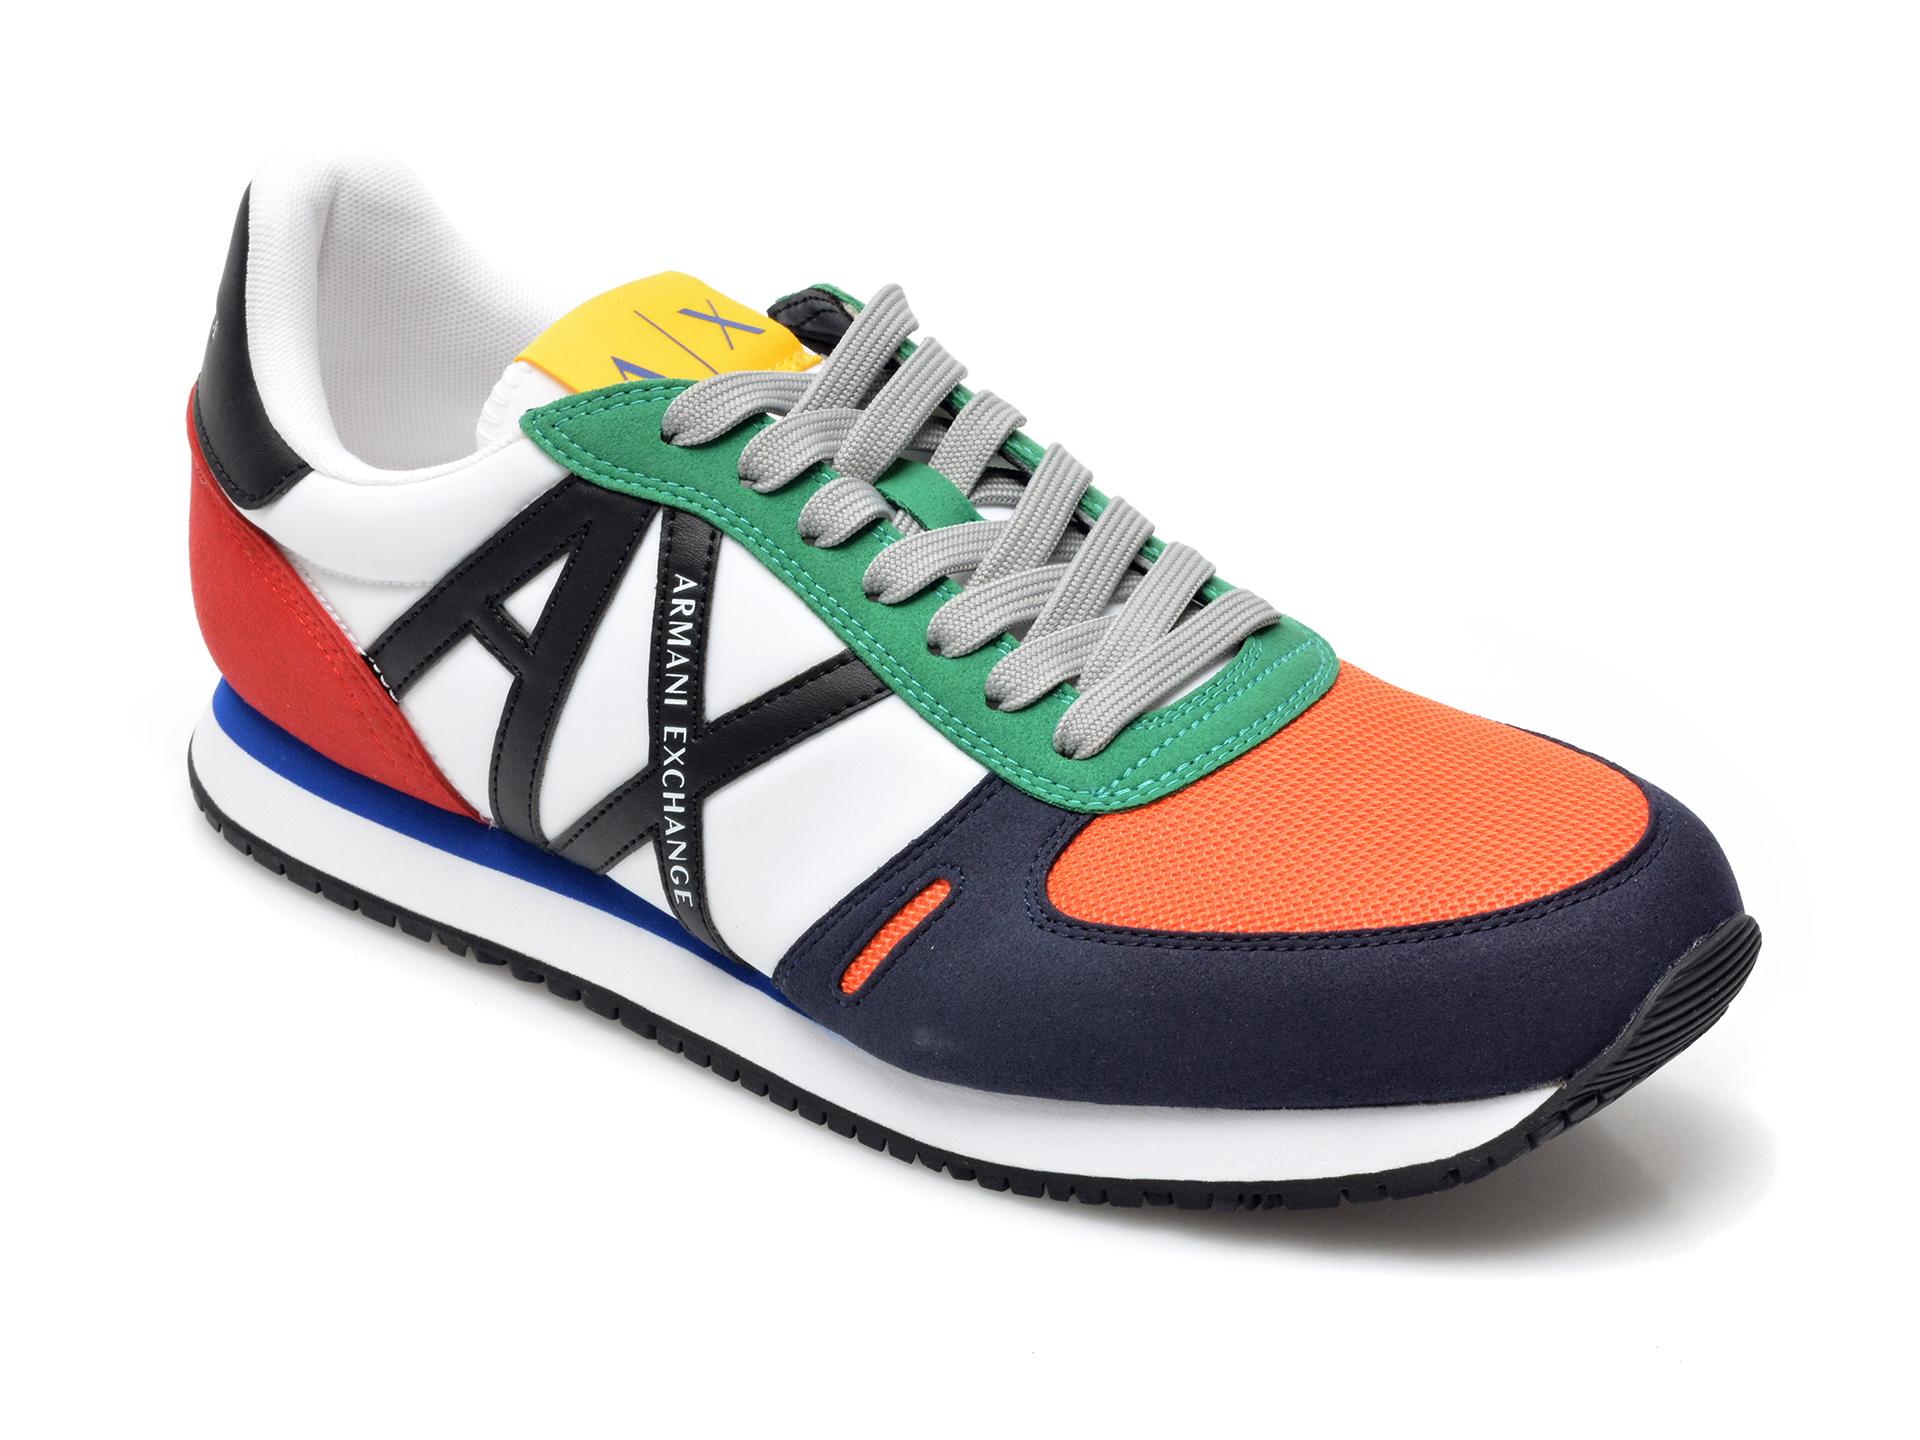 Pantofi sport ARMANI EXCHANGE multicolor, XUX017, din material textil si piele ecologica